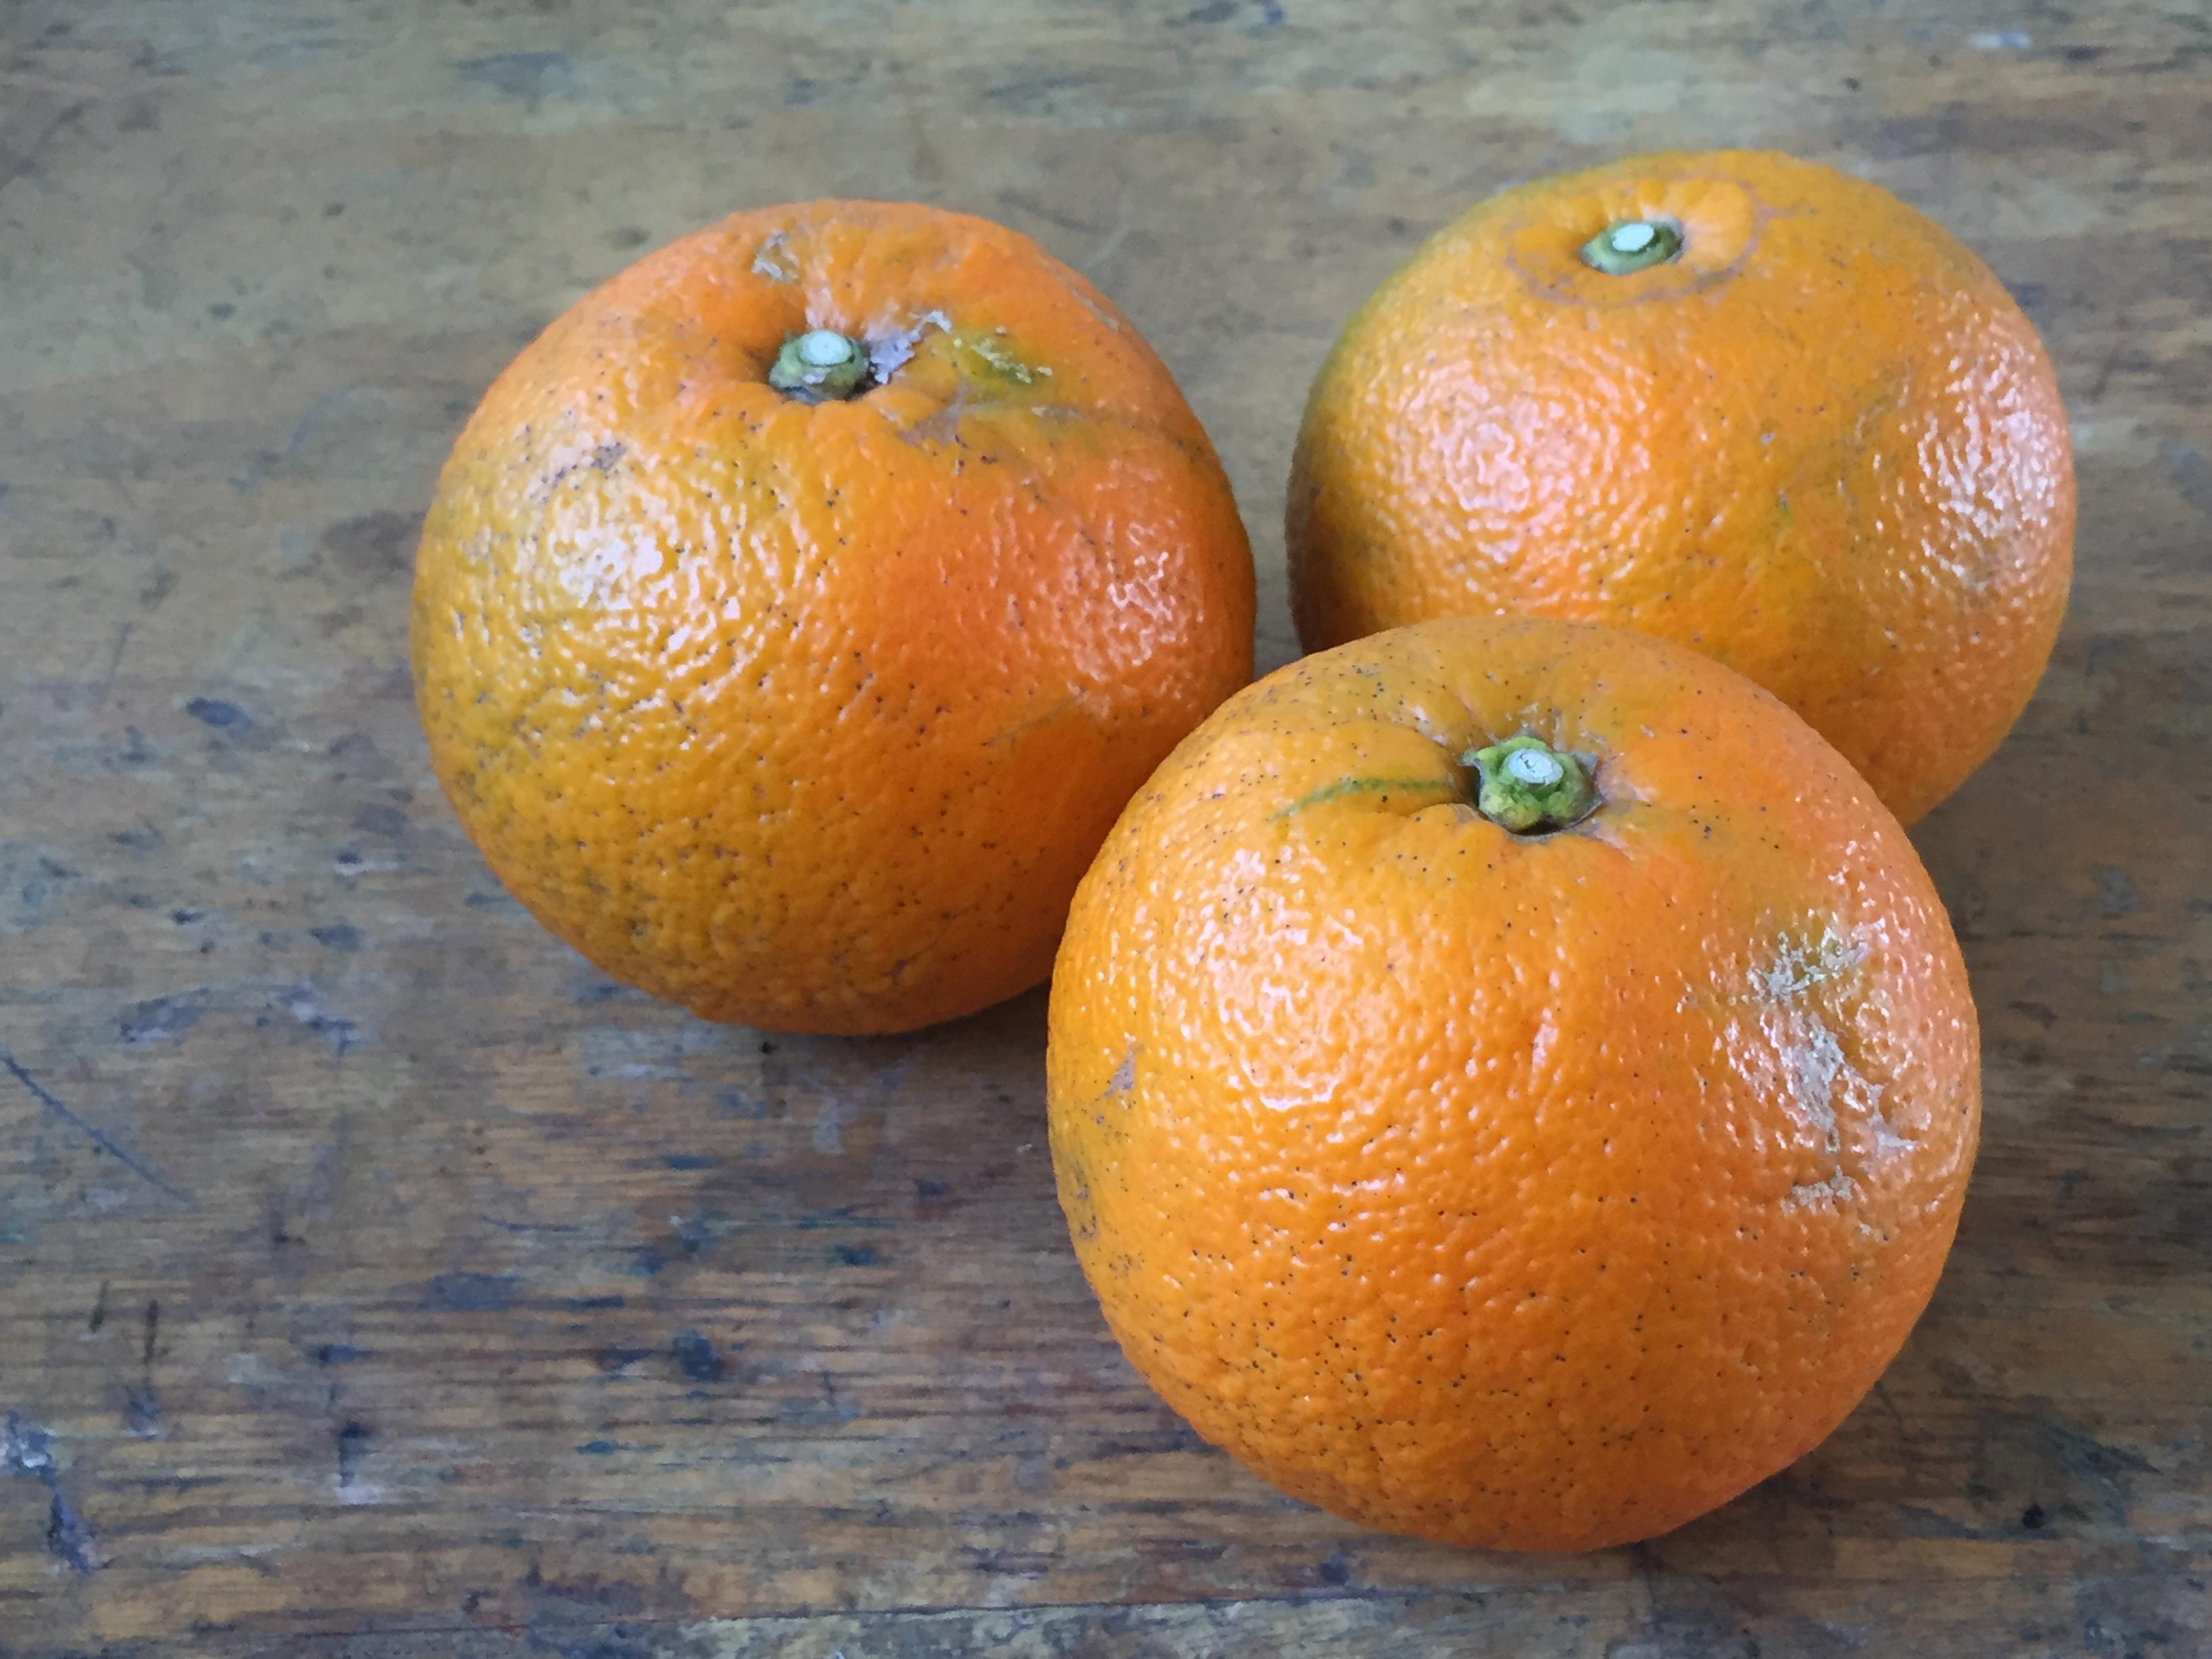 マーマレードの起源を辿る、かぶす(ダイダイ)のオレンジマーマレード